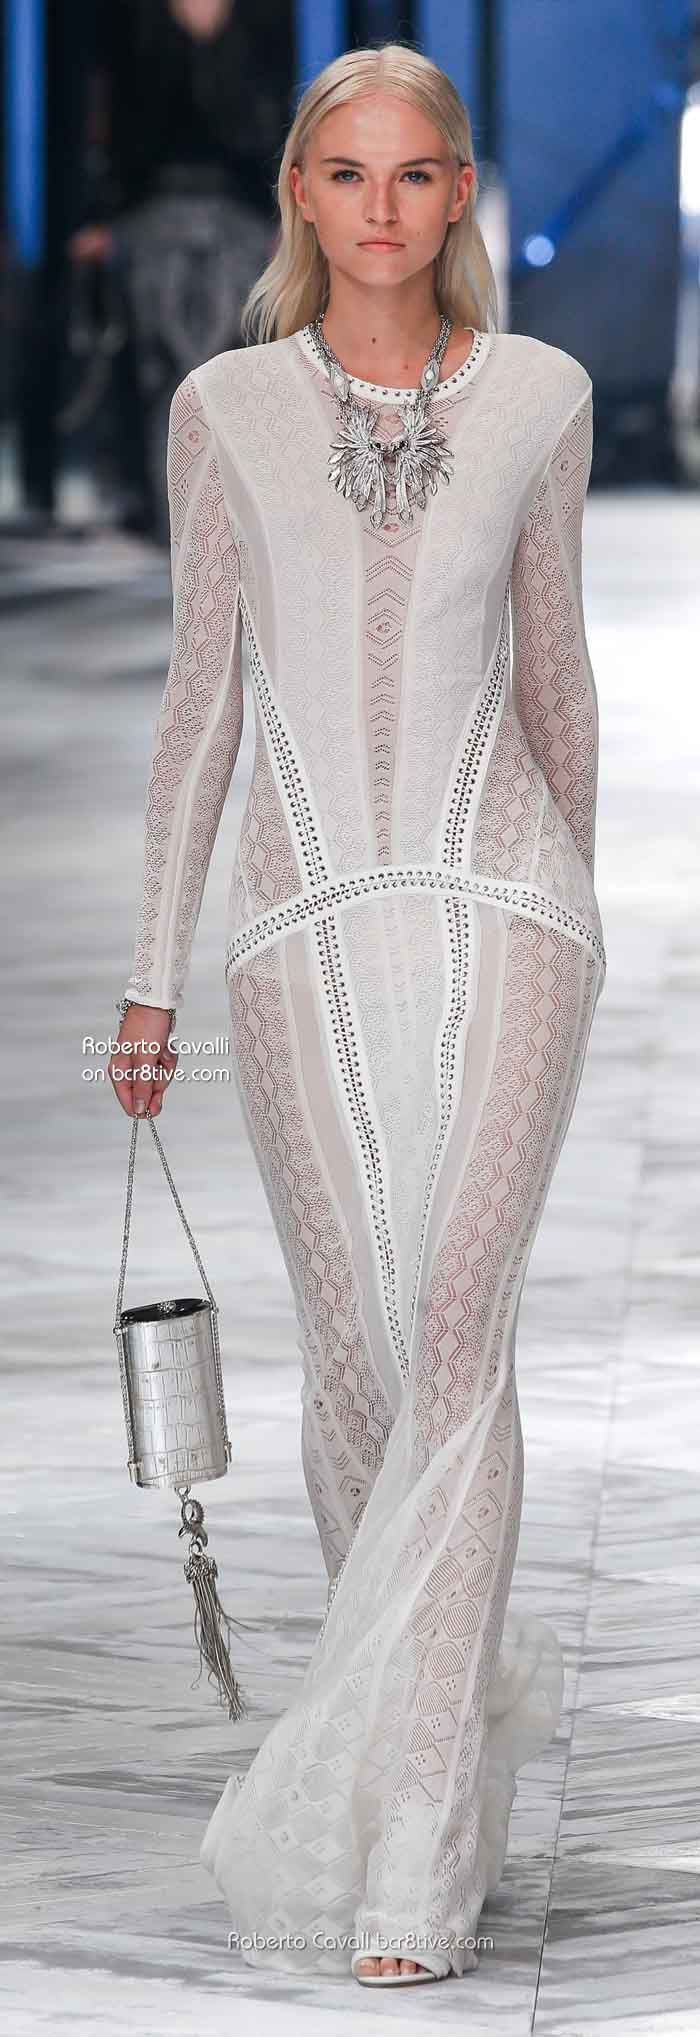 Roberto Cavalli Spring 2014, Milan Fashion Week